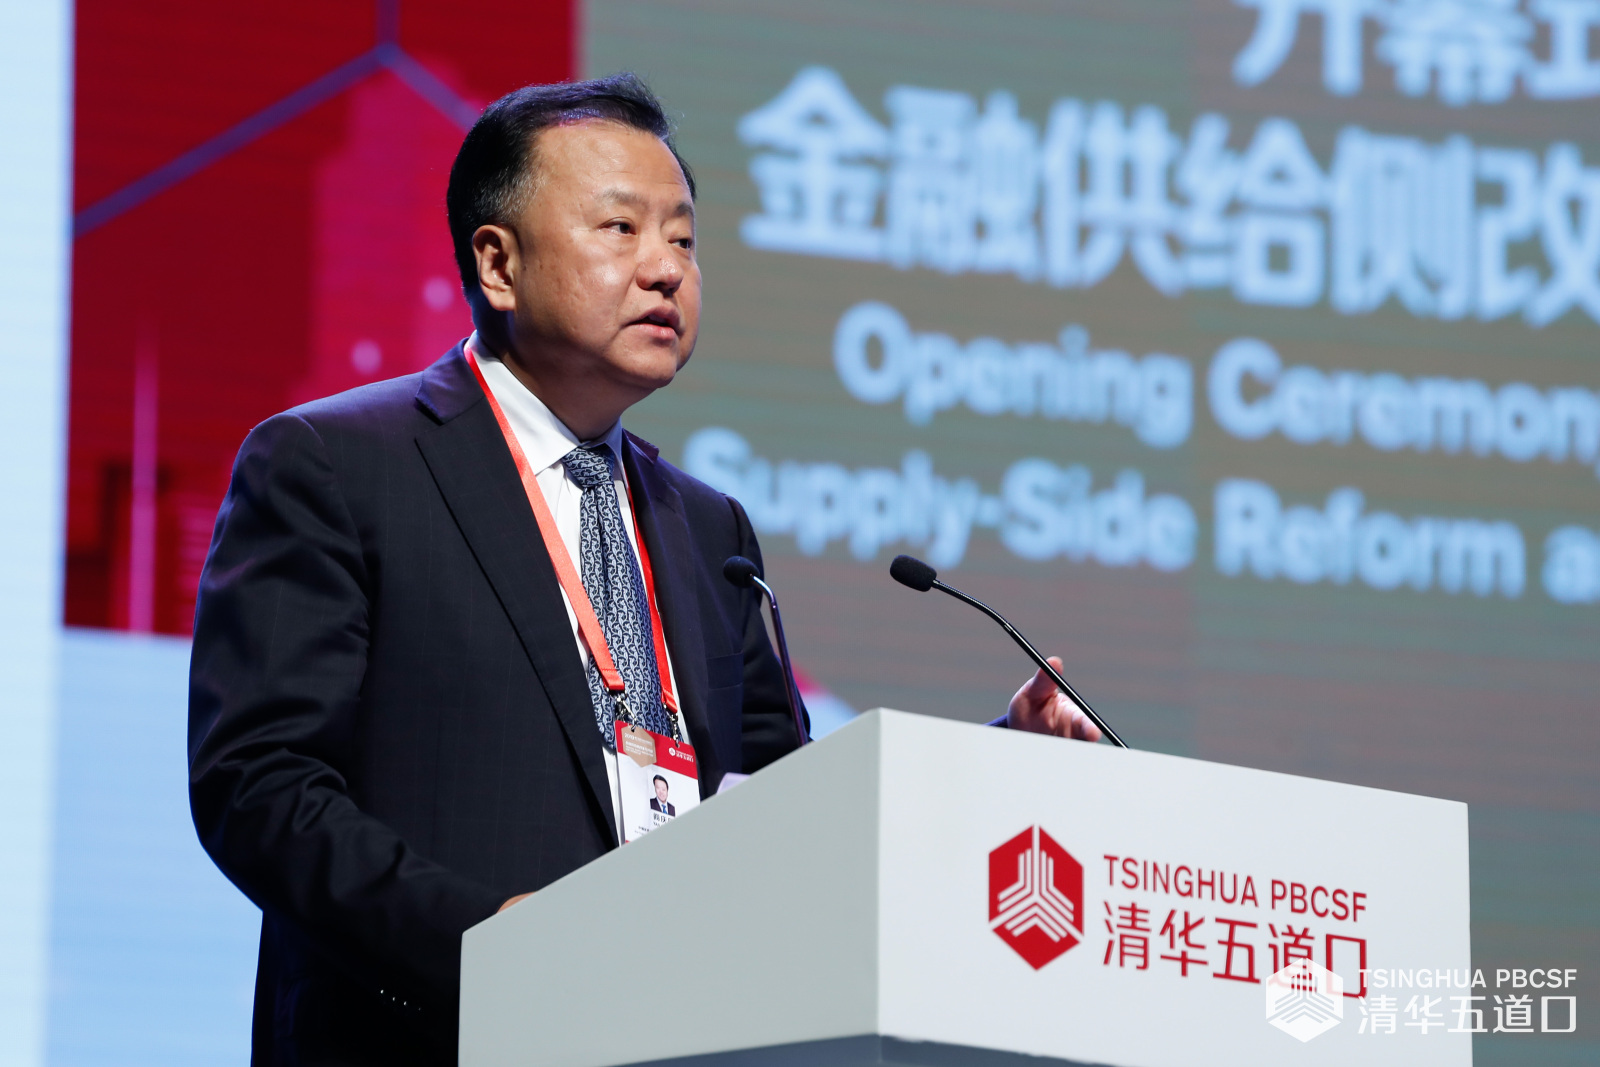 证监会副主席阎庆民:加快金融机构改革是推进金融供给侧结构性改革的重要抓手